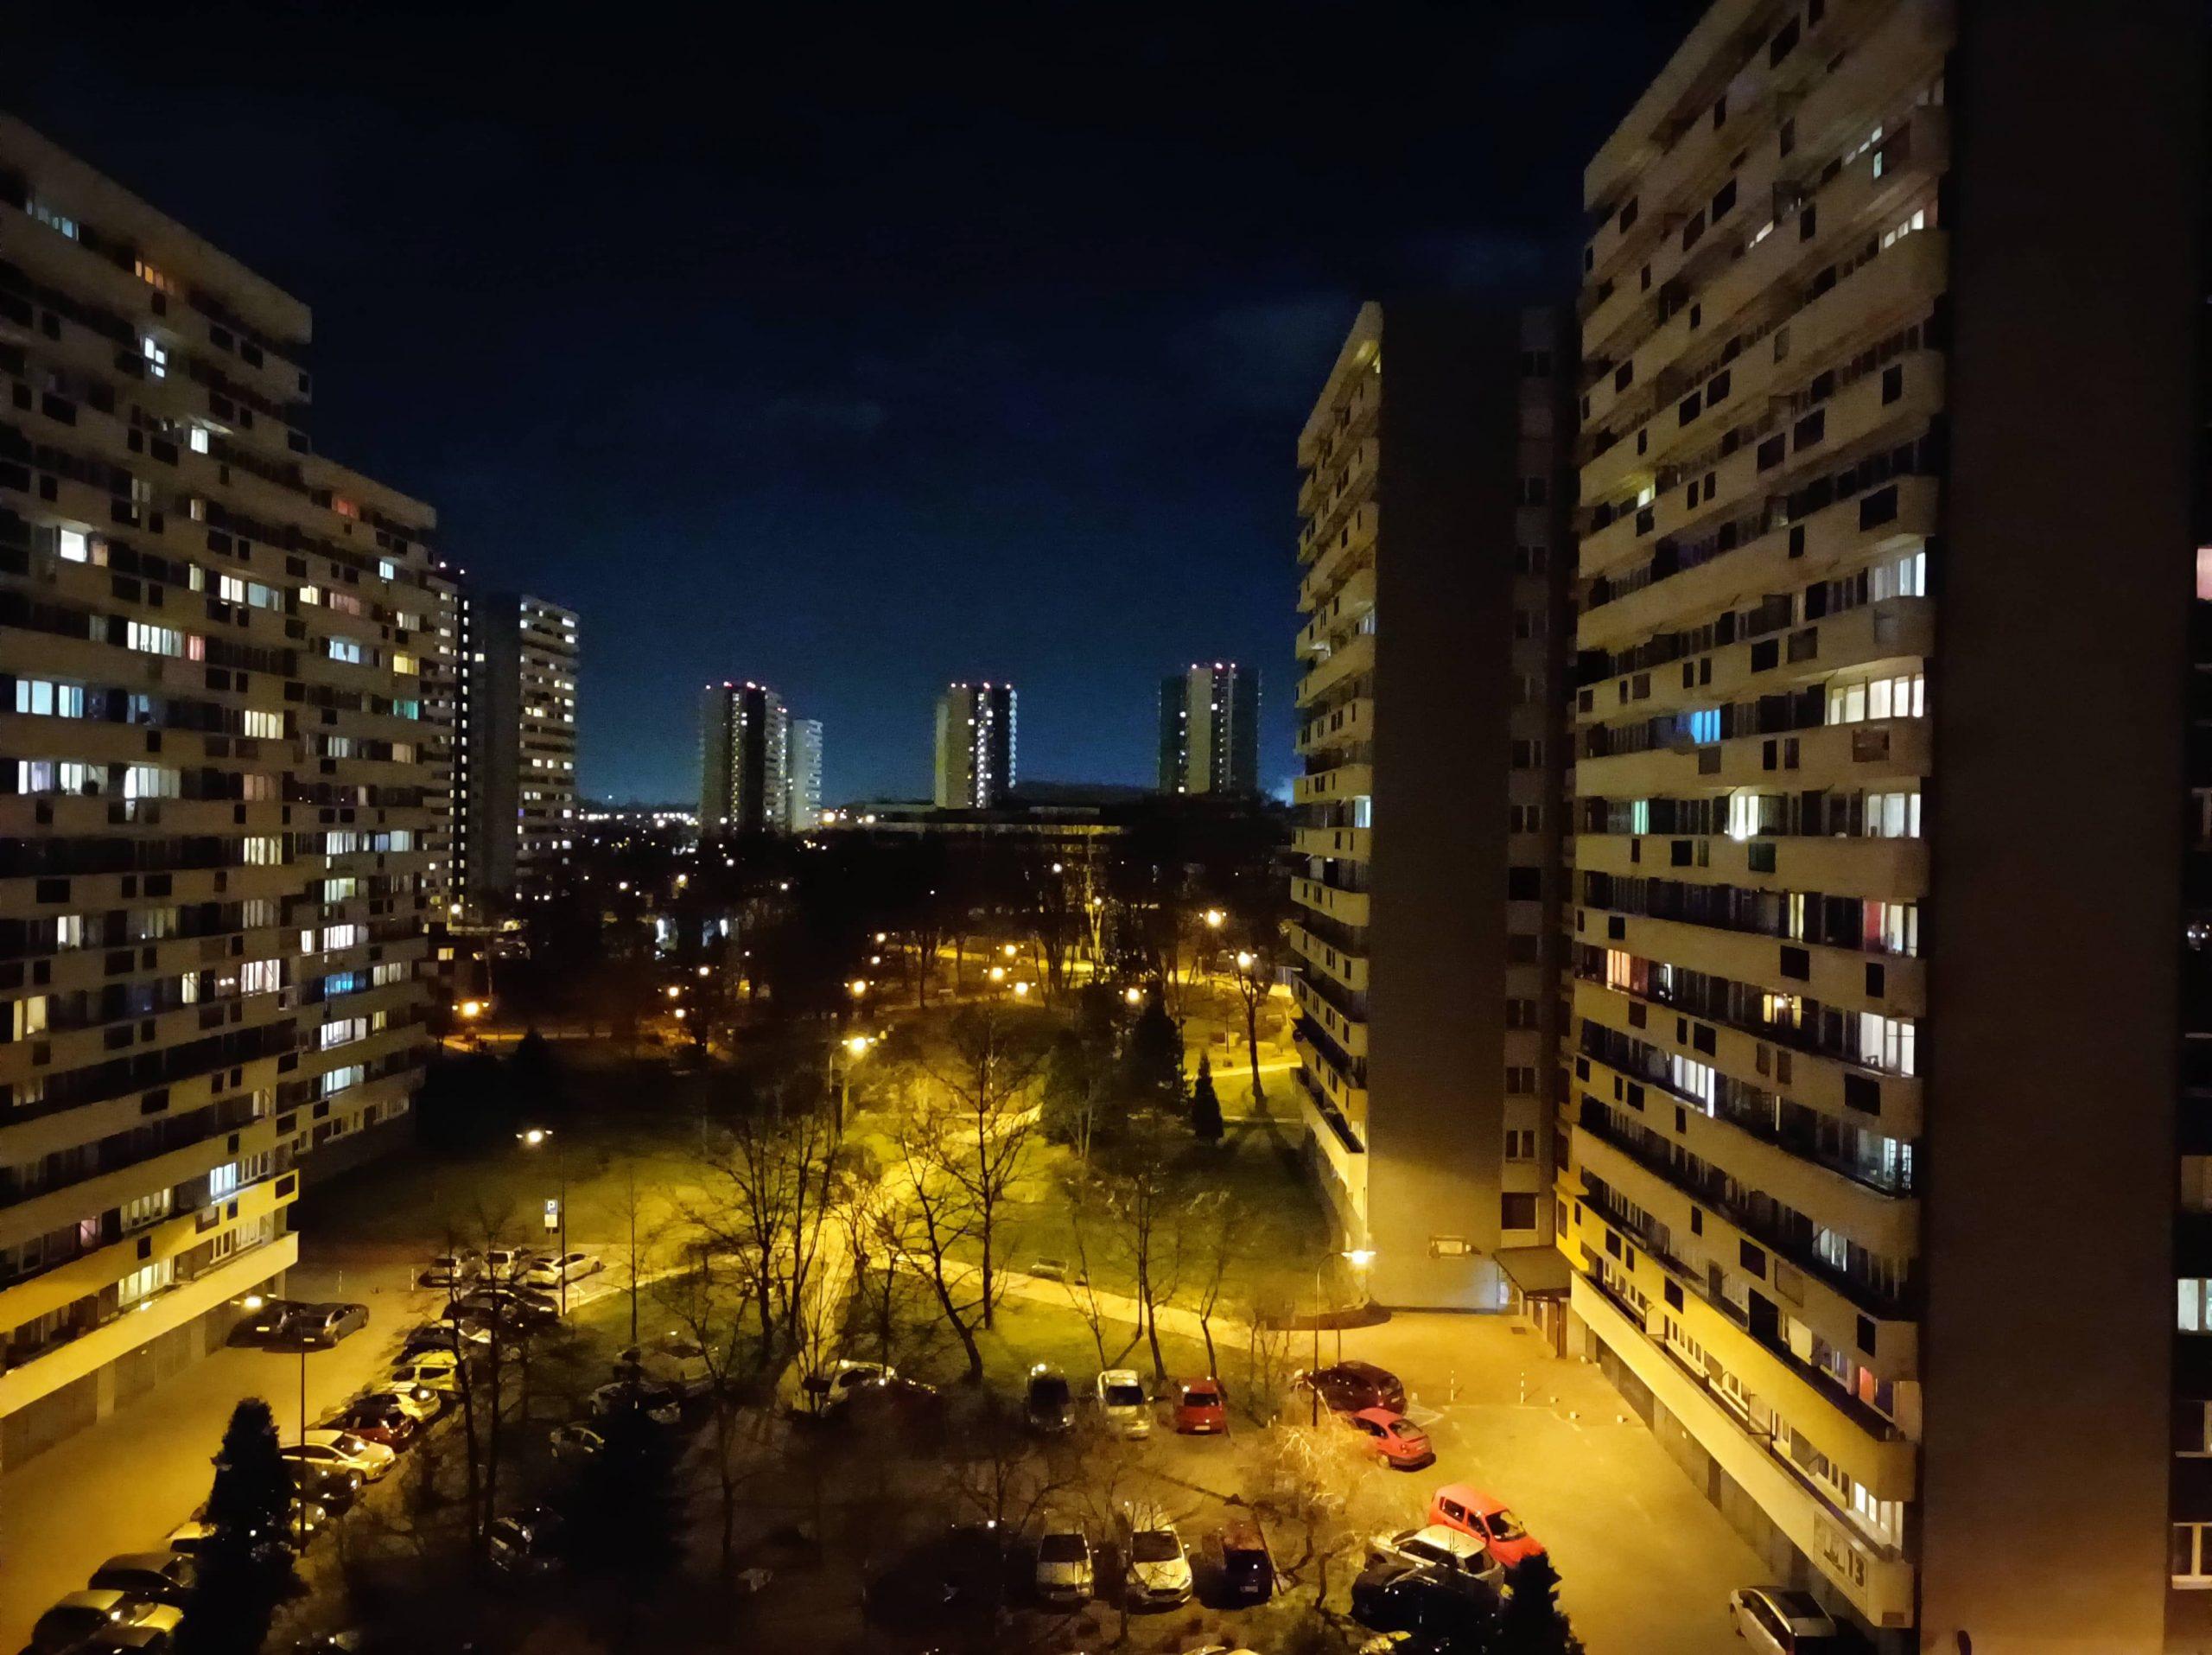 Zdjęcia nocne - Redmi Note 9T